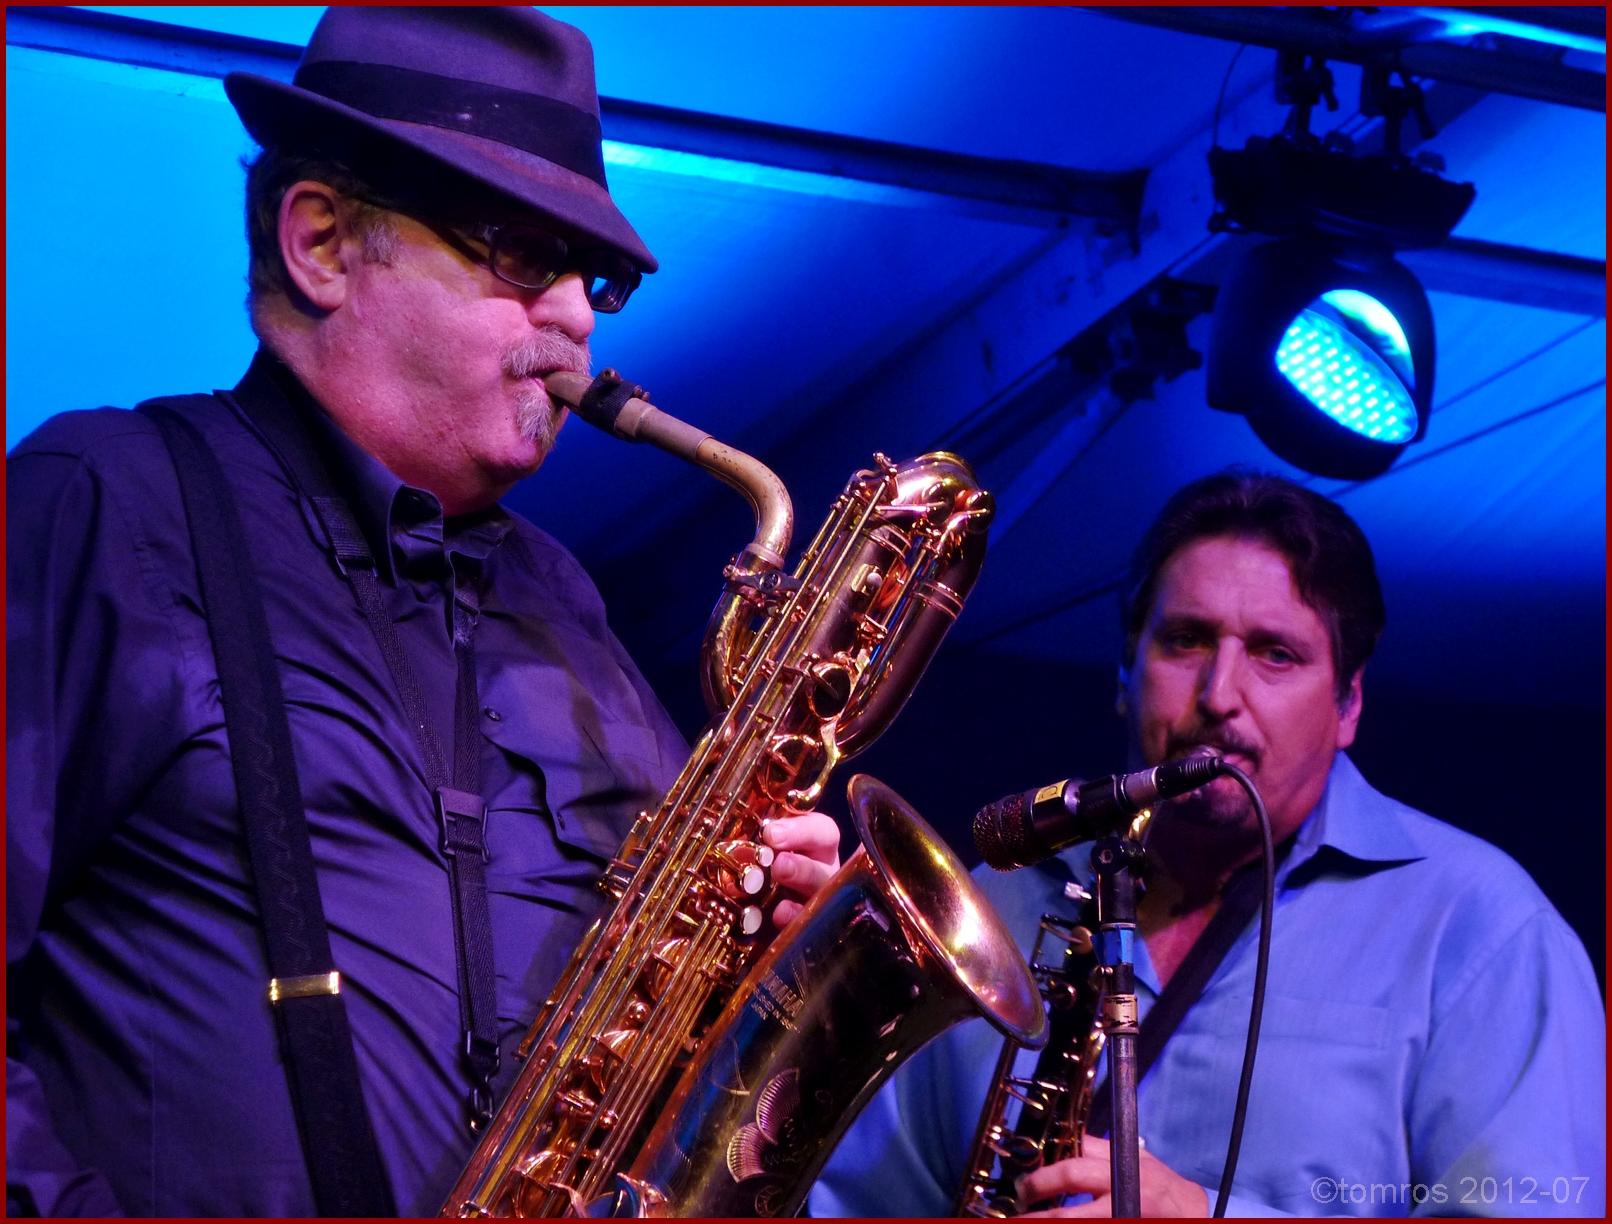 Steve 'Doc' Kupka & Tom Politzer, Tower of Power